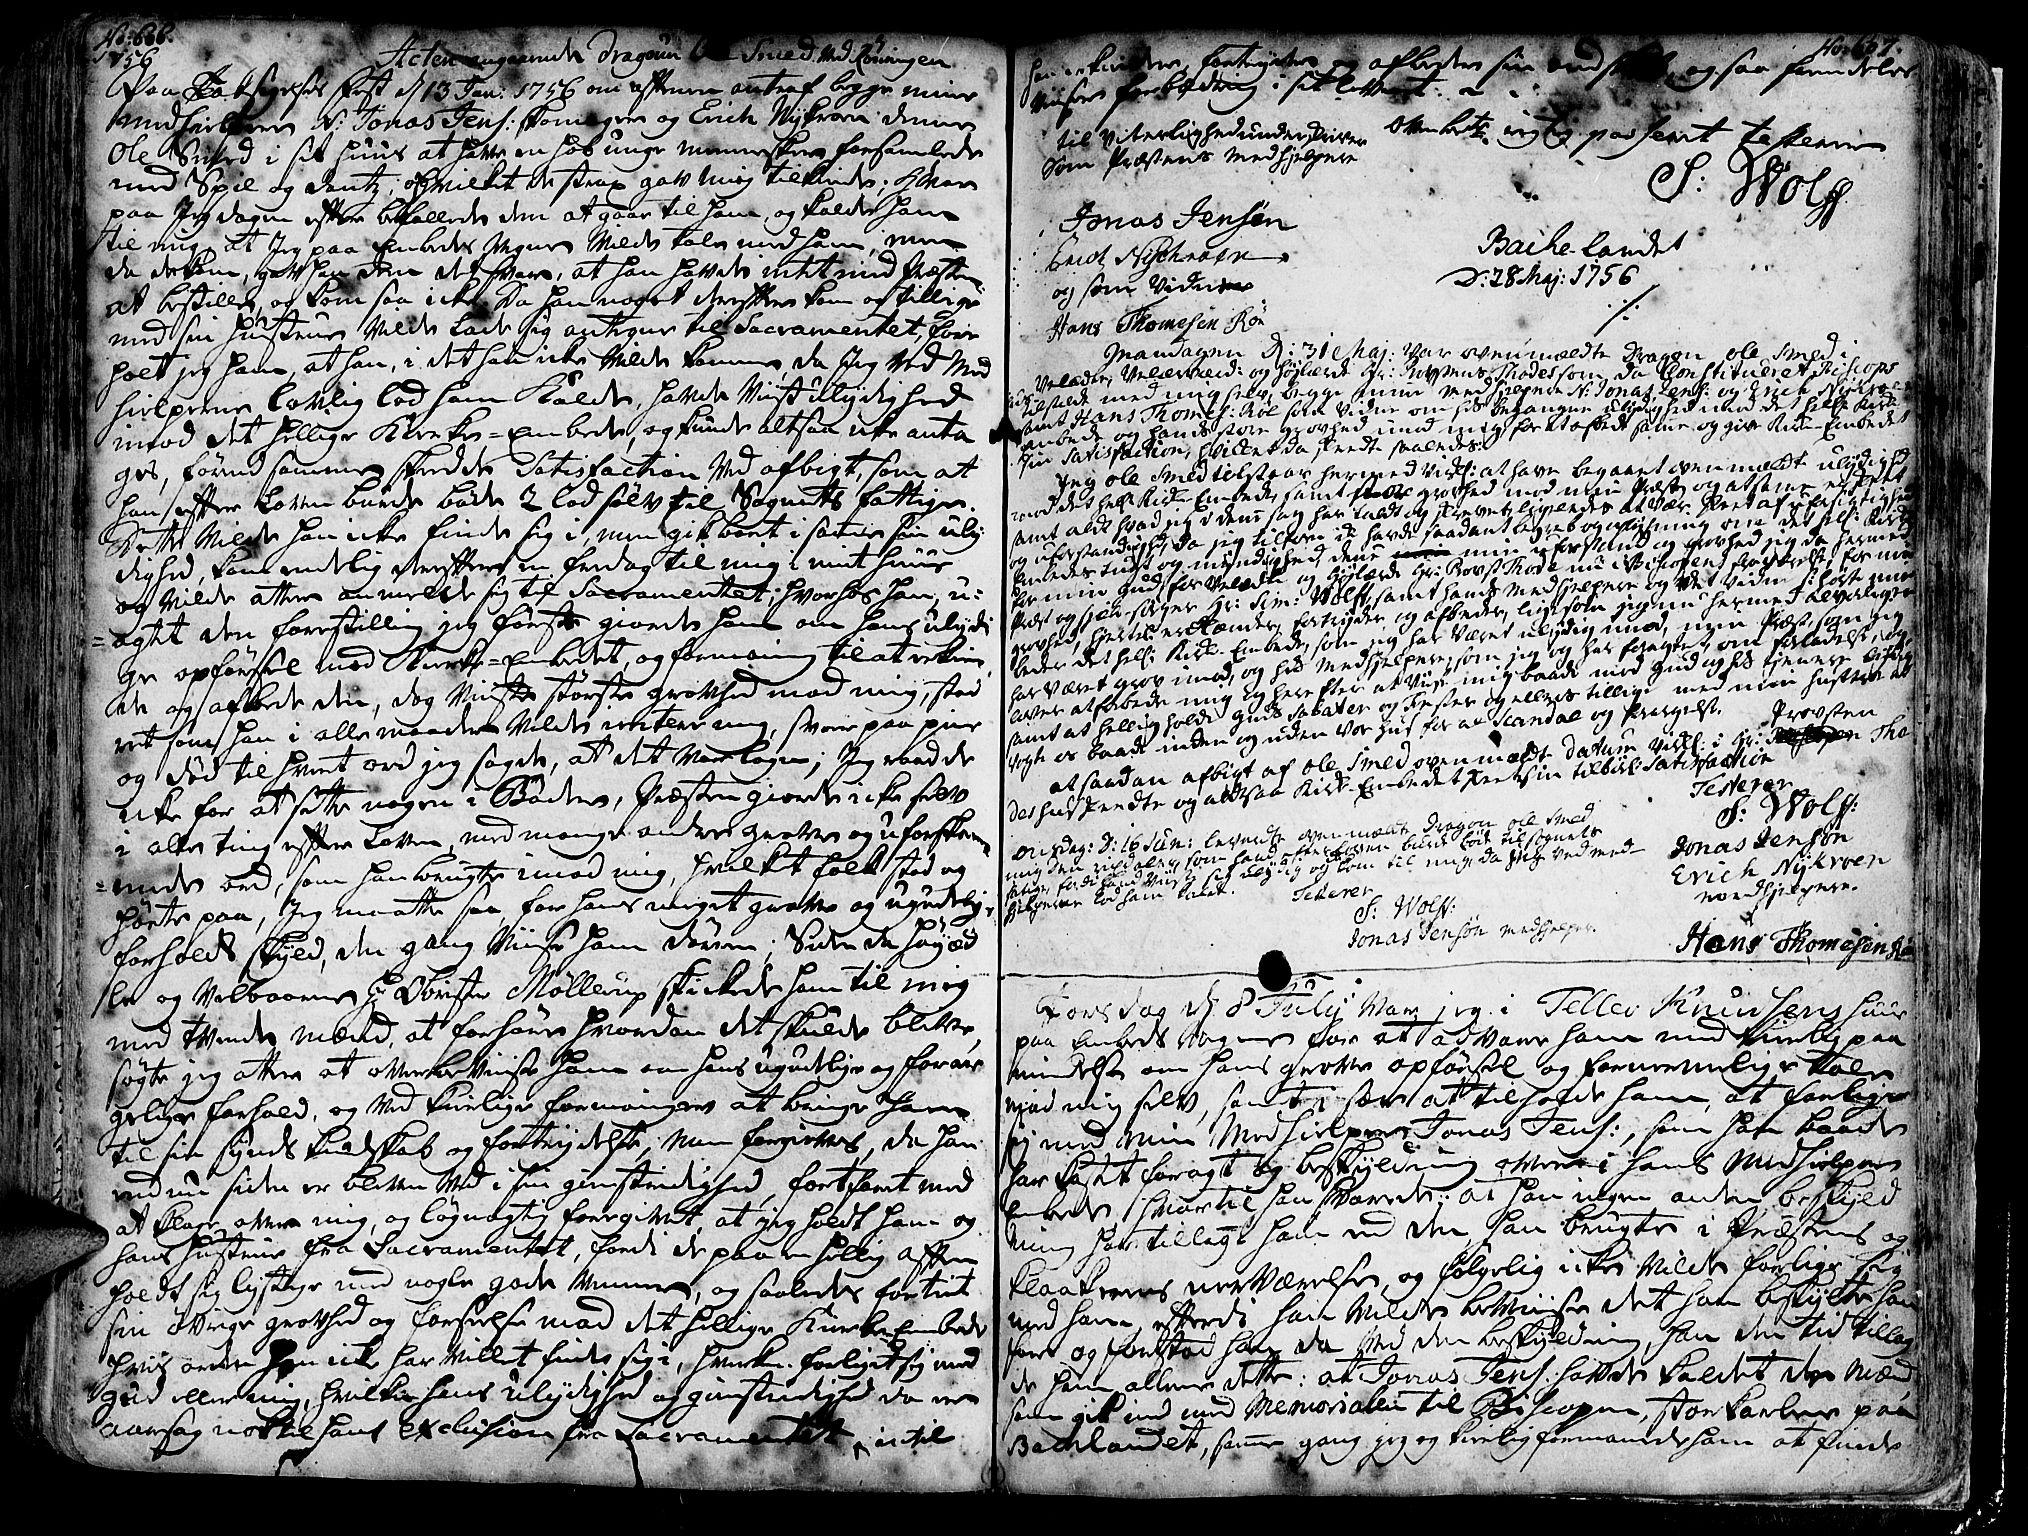 SAT, Ministerialprotokoller, klokkerbøker og fødselsregistre - Sør-Trøndelag, 606/L0275: Ministerialbok nr. 606A01 /1, 1727-1780, s. 606-607